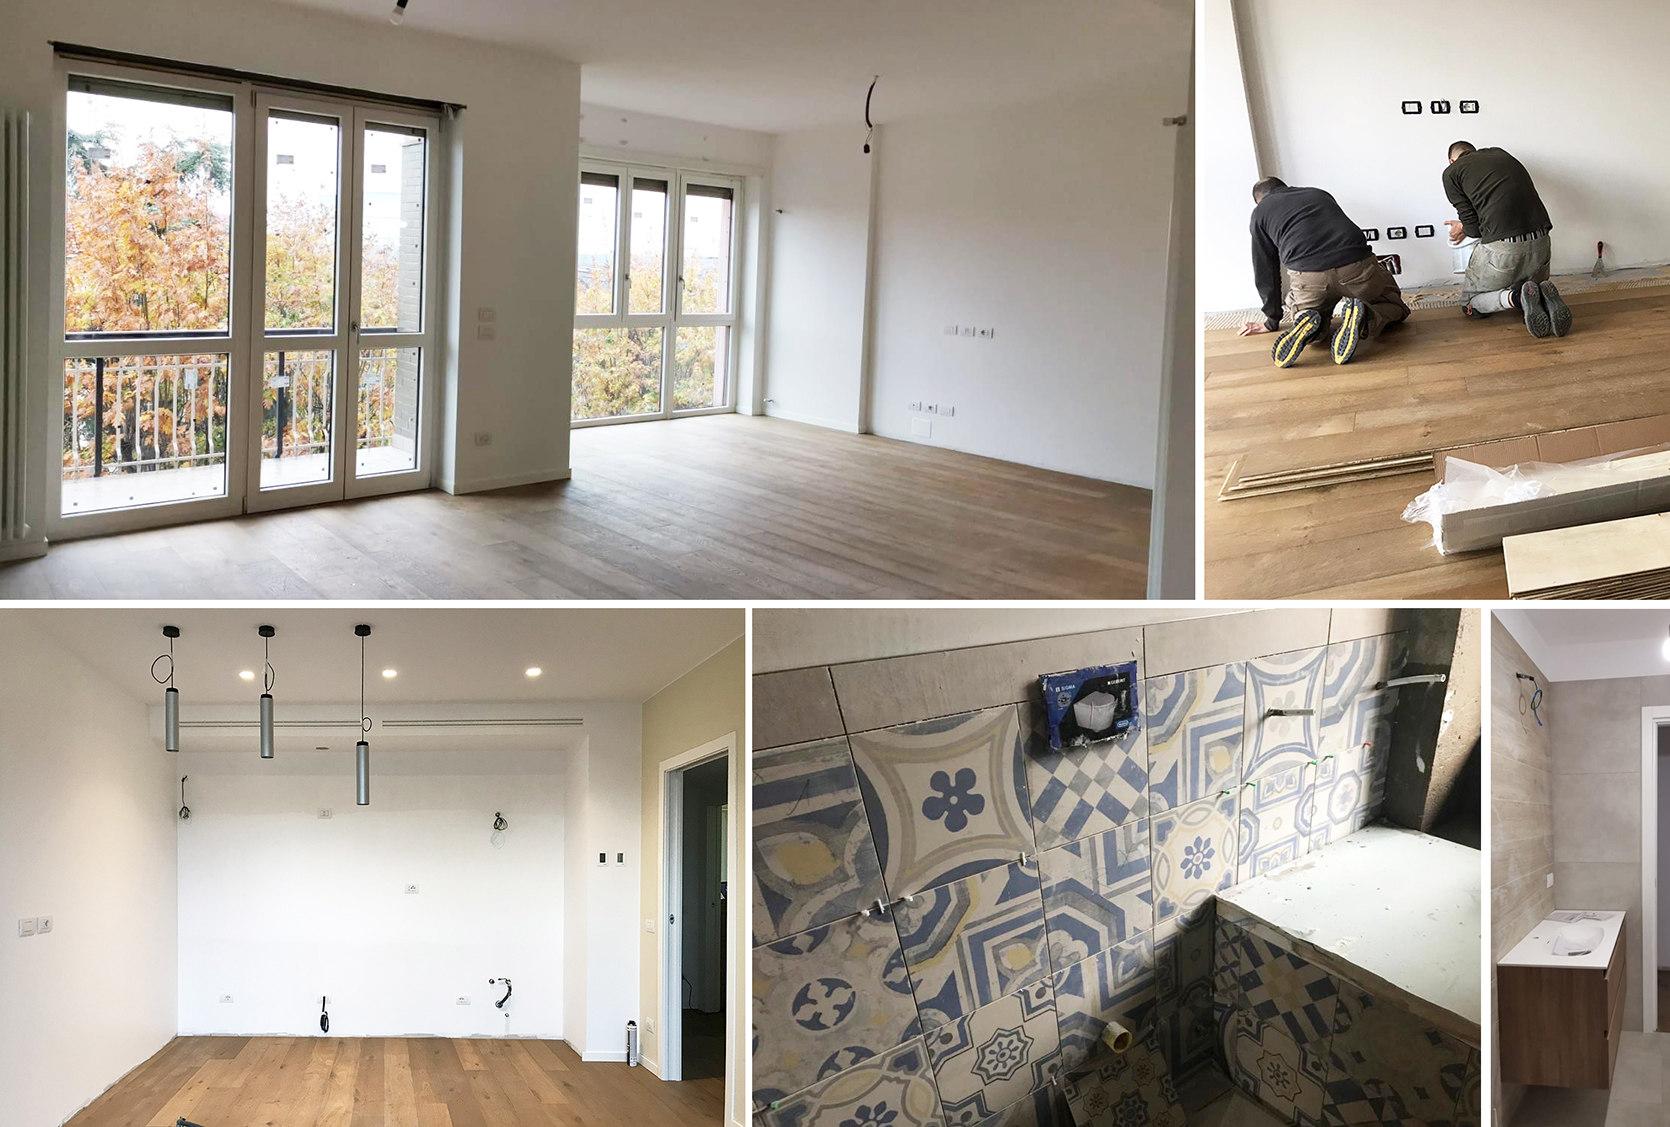 Spostamento muri interni appartamento